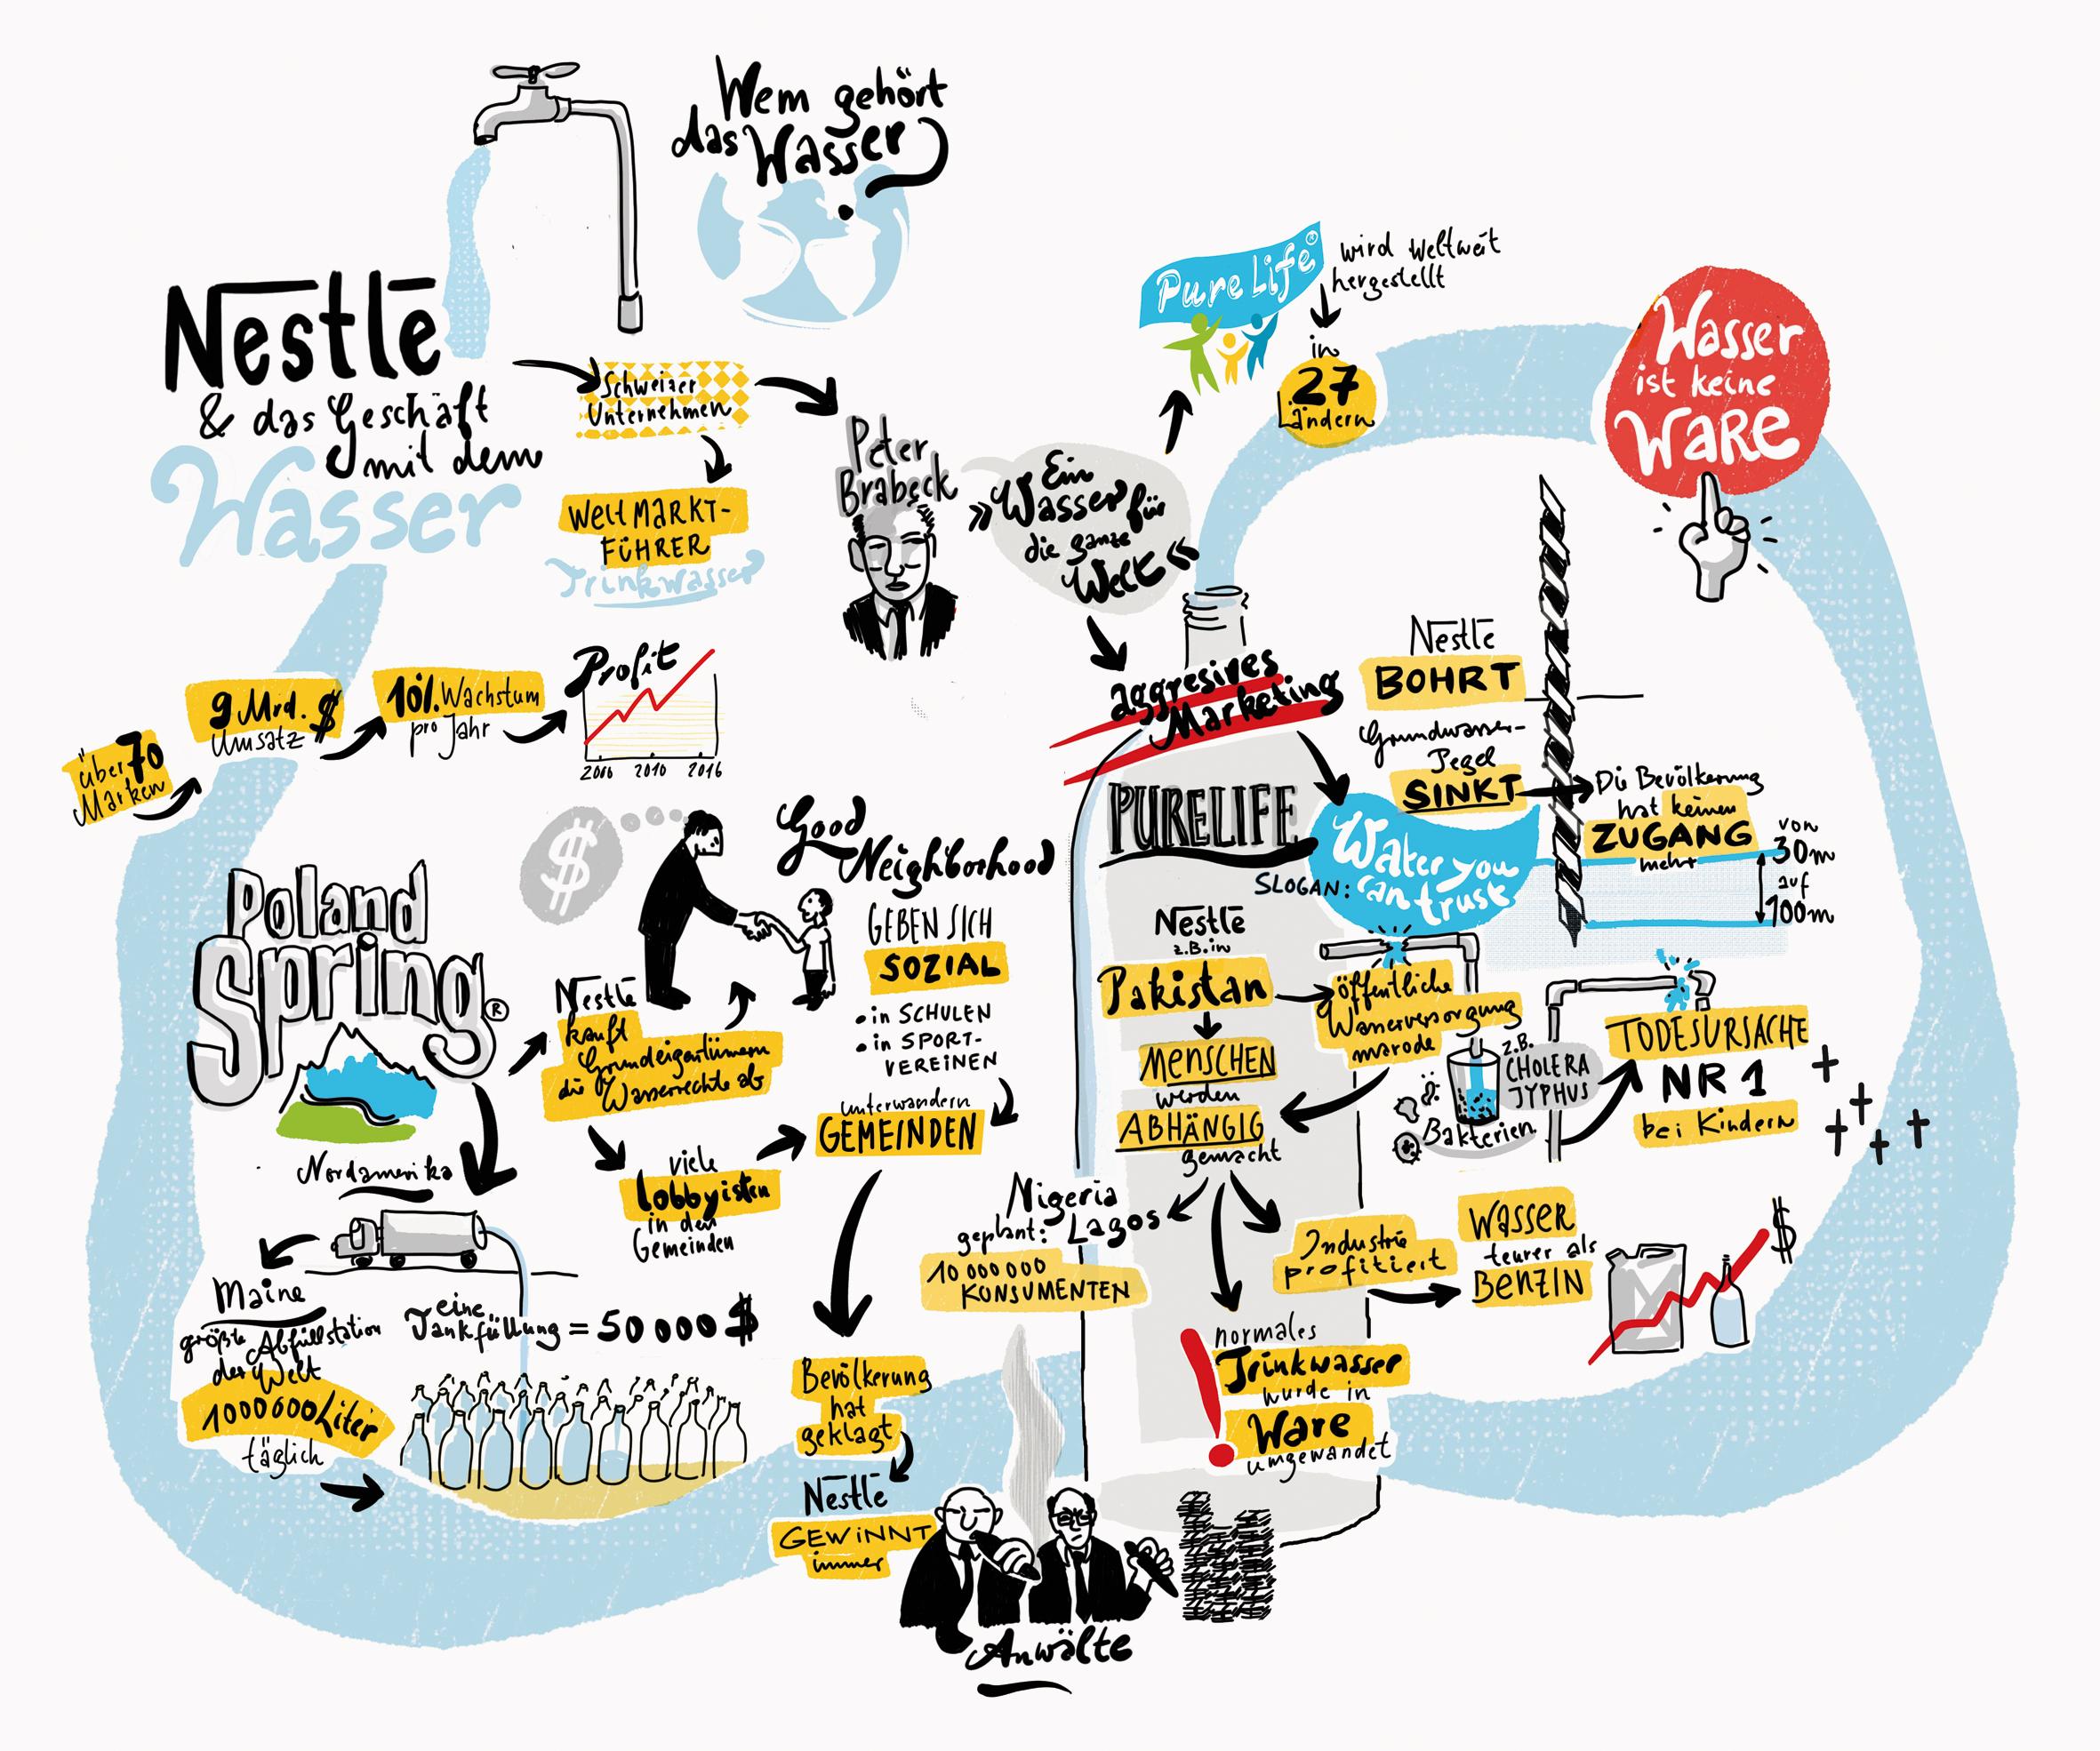 05_Nestle_Wasser.jpg